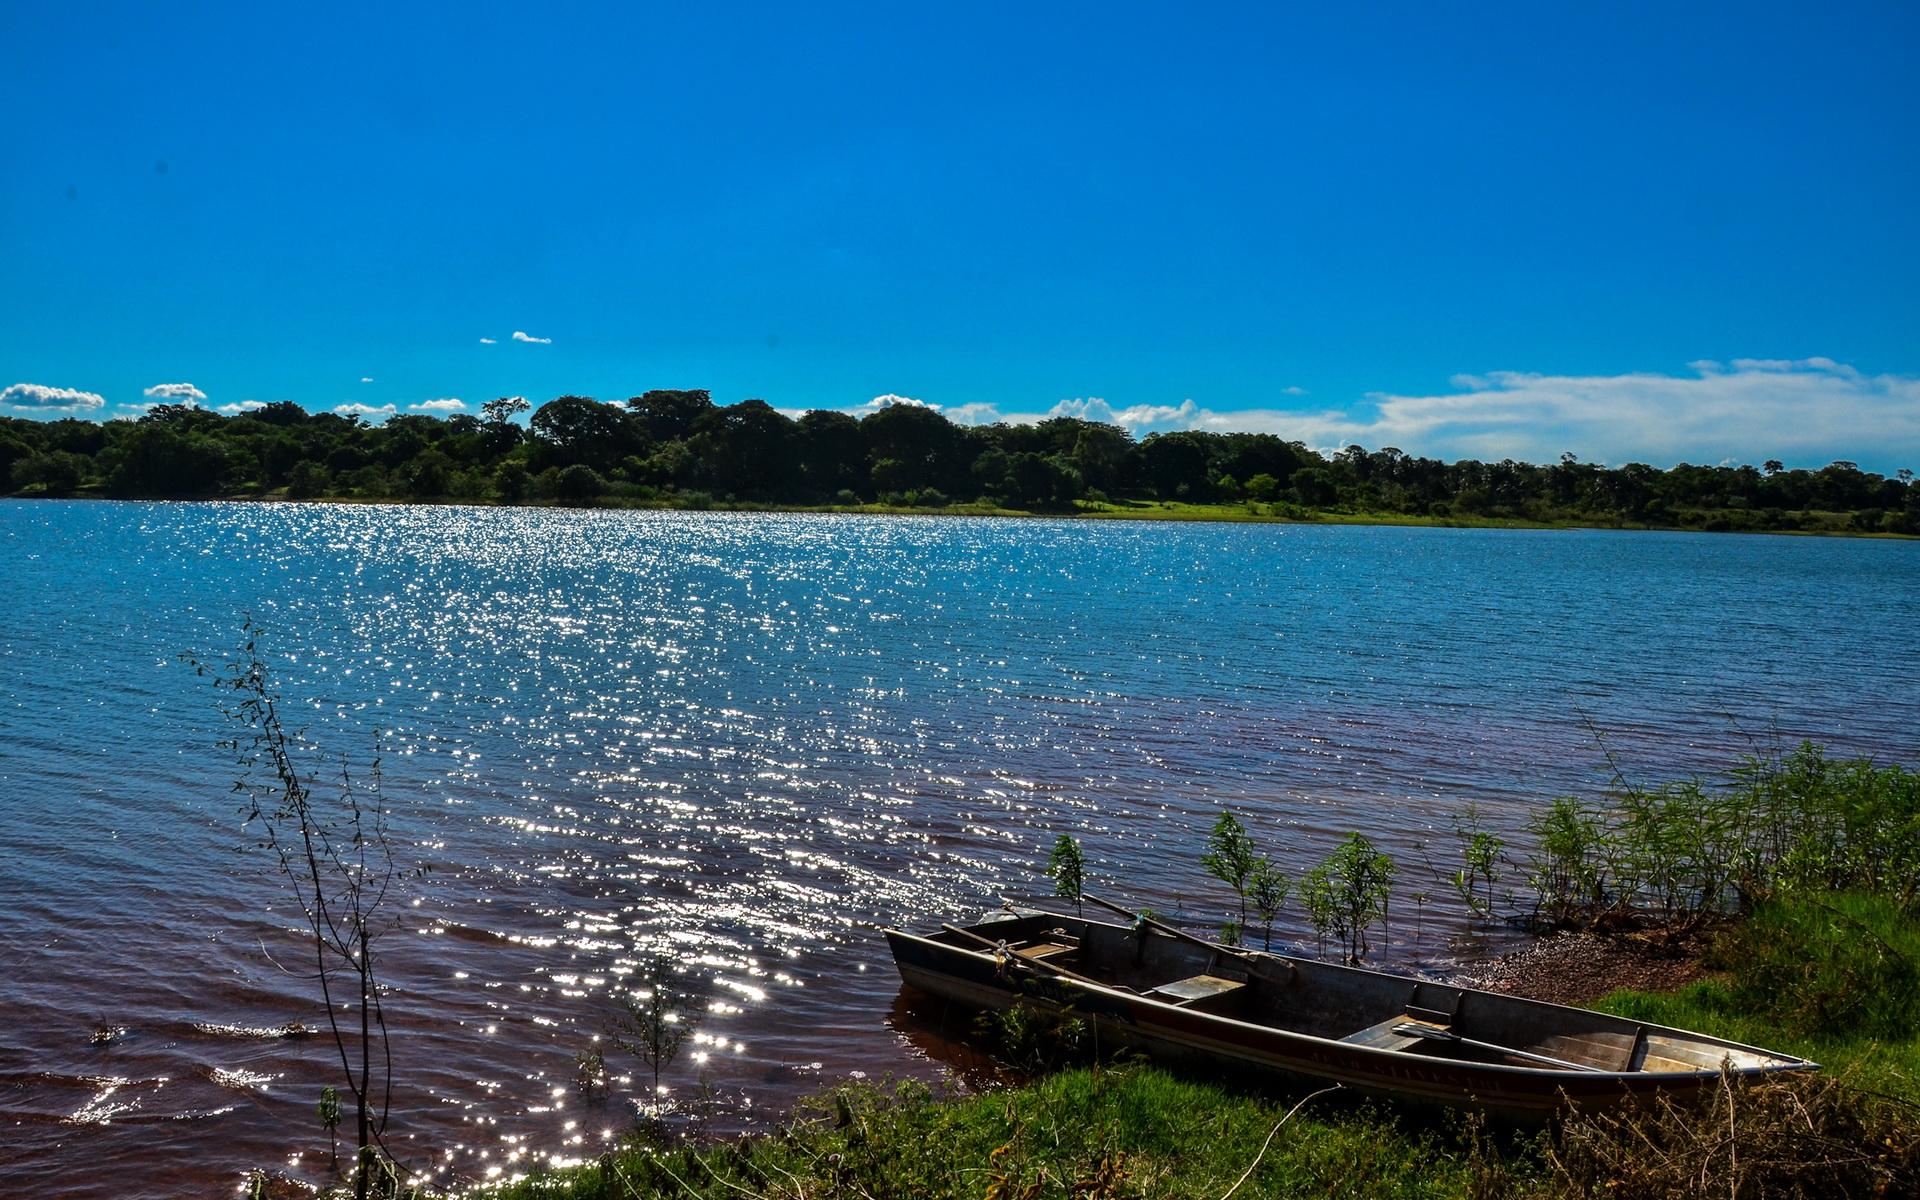 Лодка на берегу зеленого озера  № 2493059 без смс